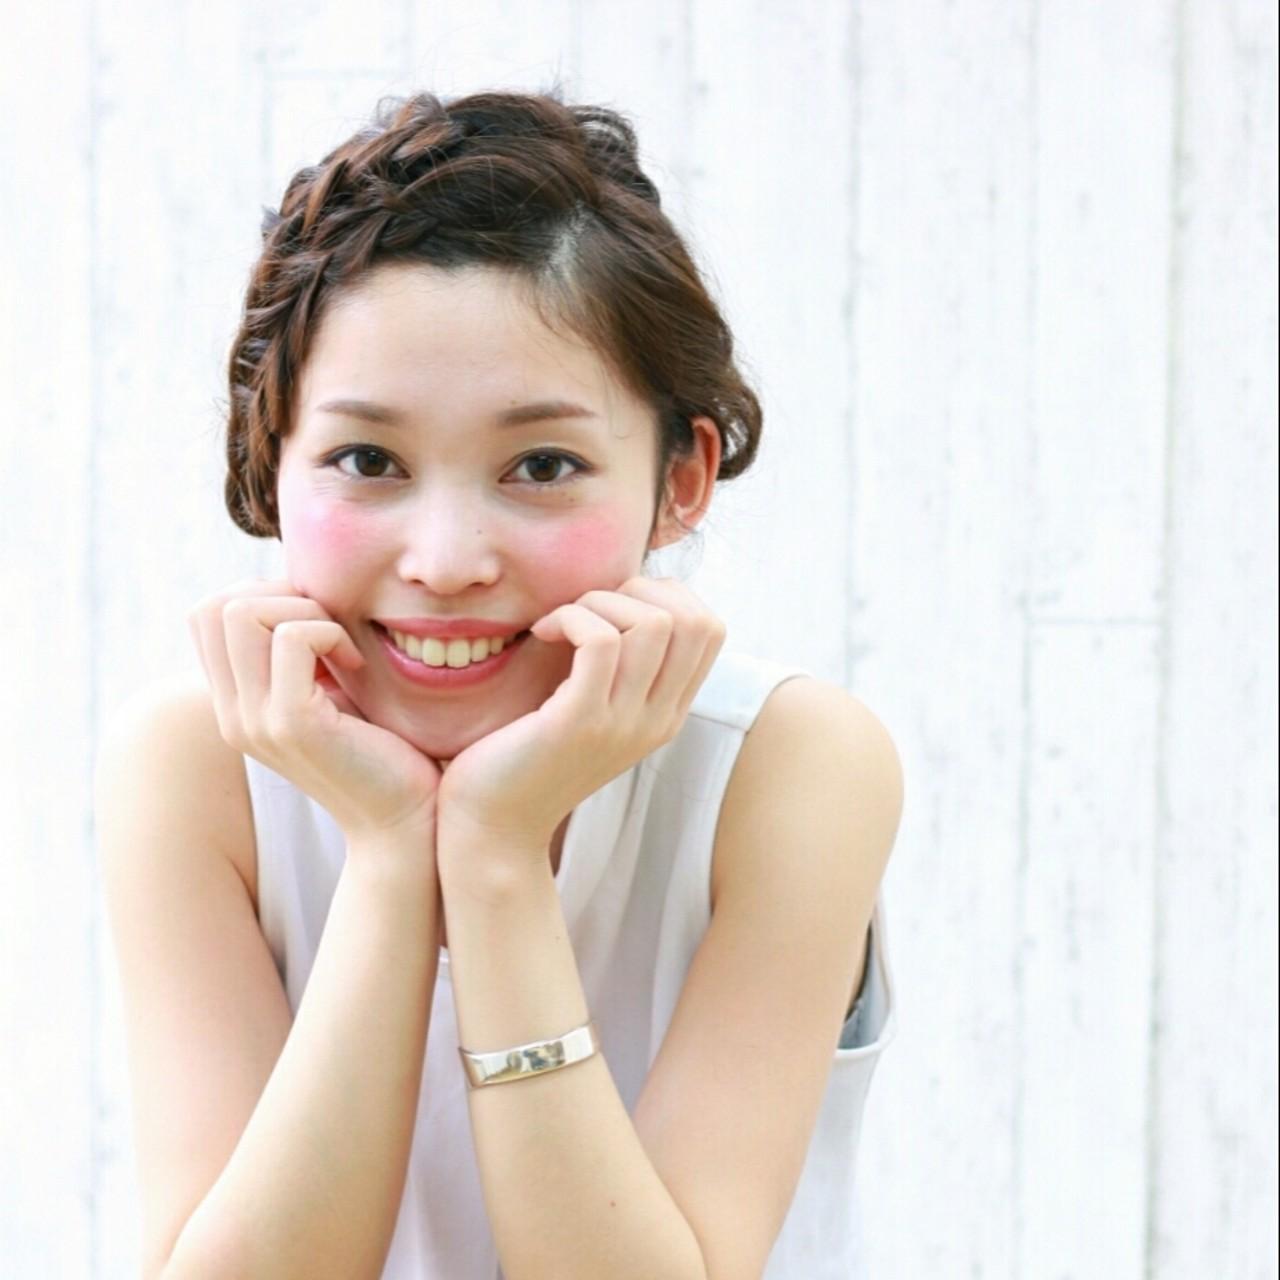 アッシュ ヘアアレンジ 夏 ミディアム ヘアスタイルや髪型の写真・画像 | 前田えみ/BLOOM /  BLOOM(ブルーム)